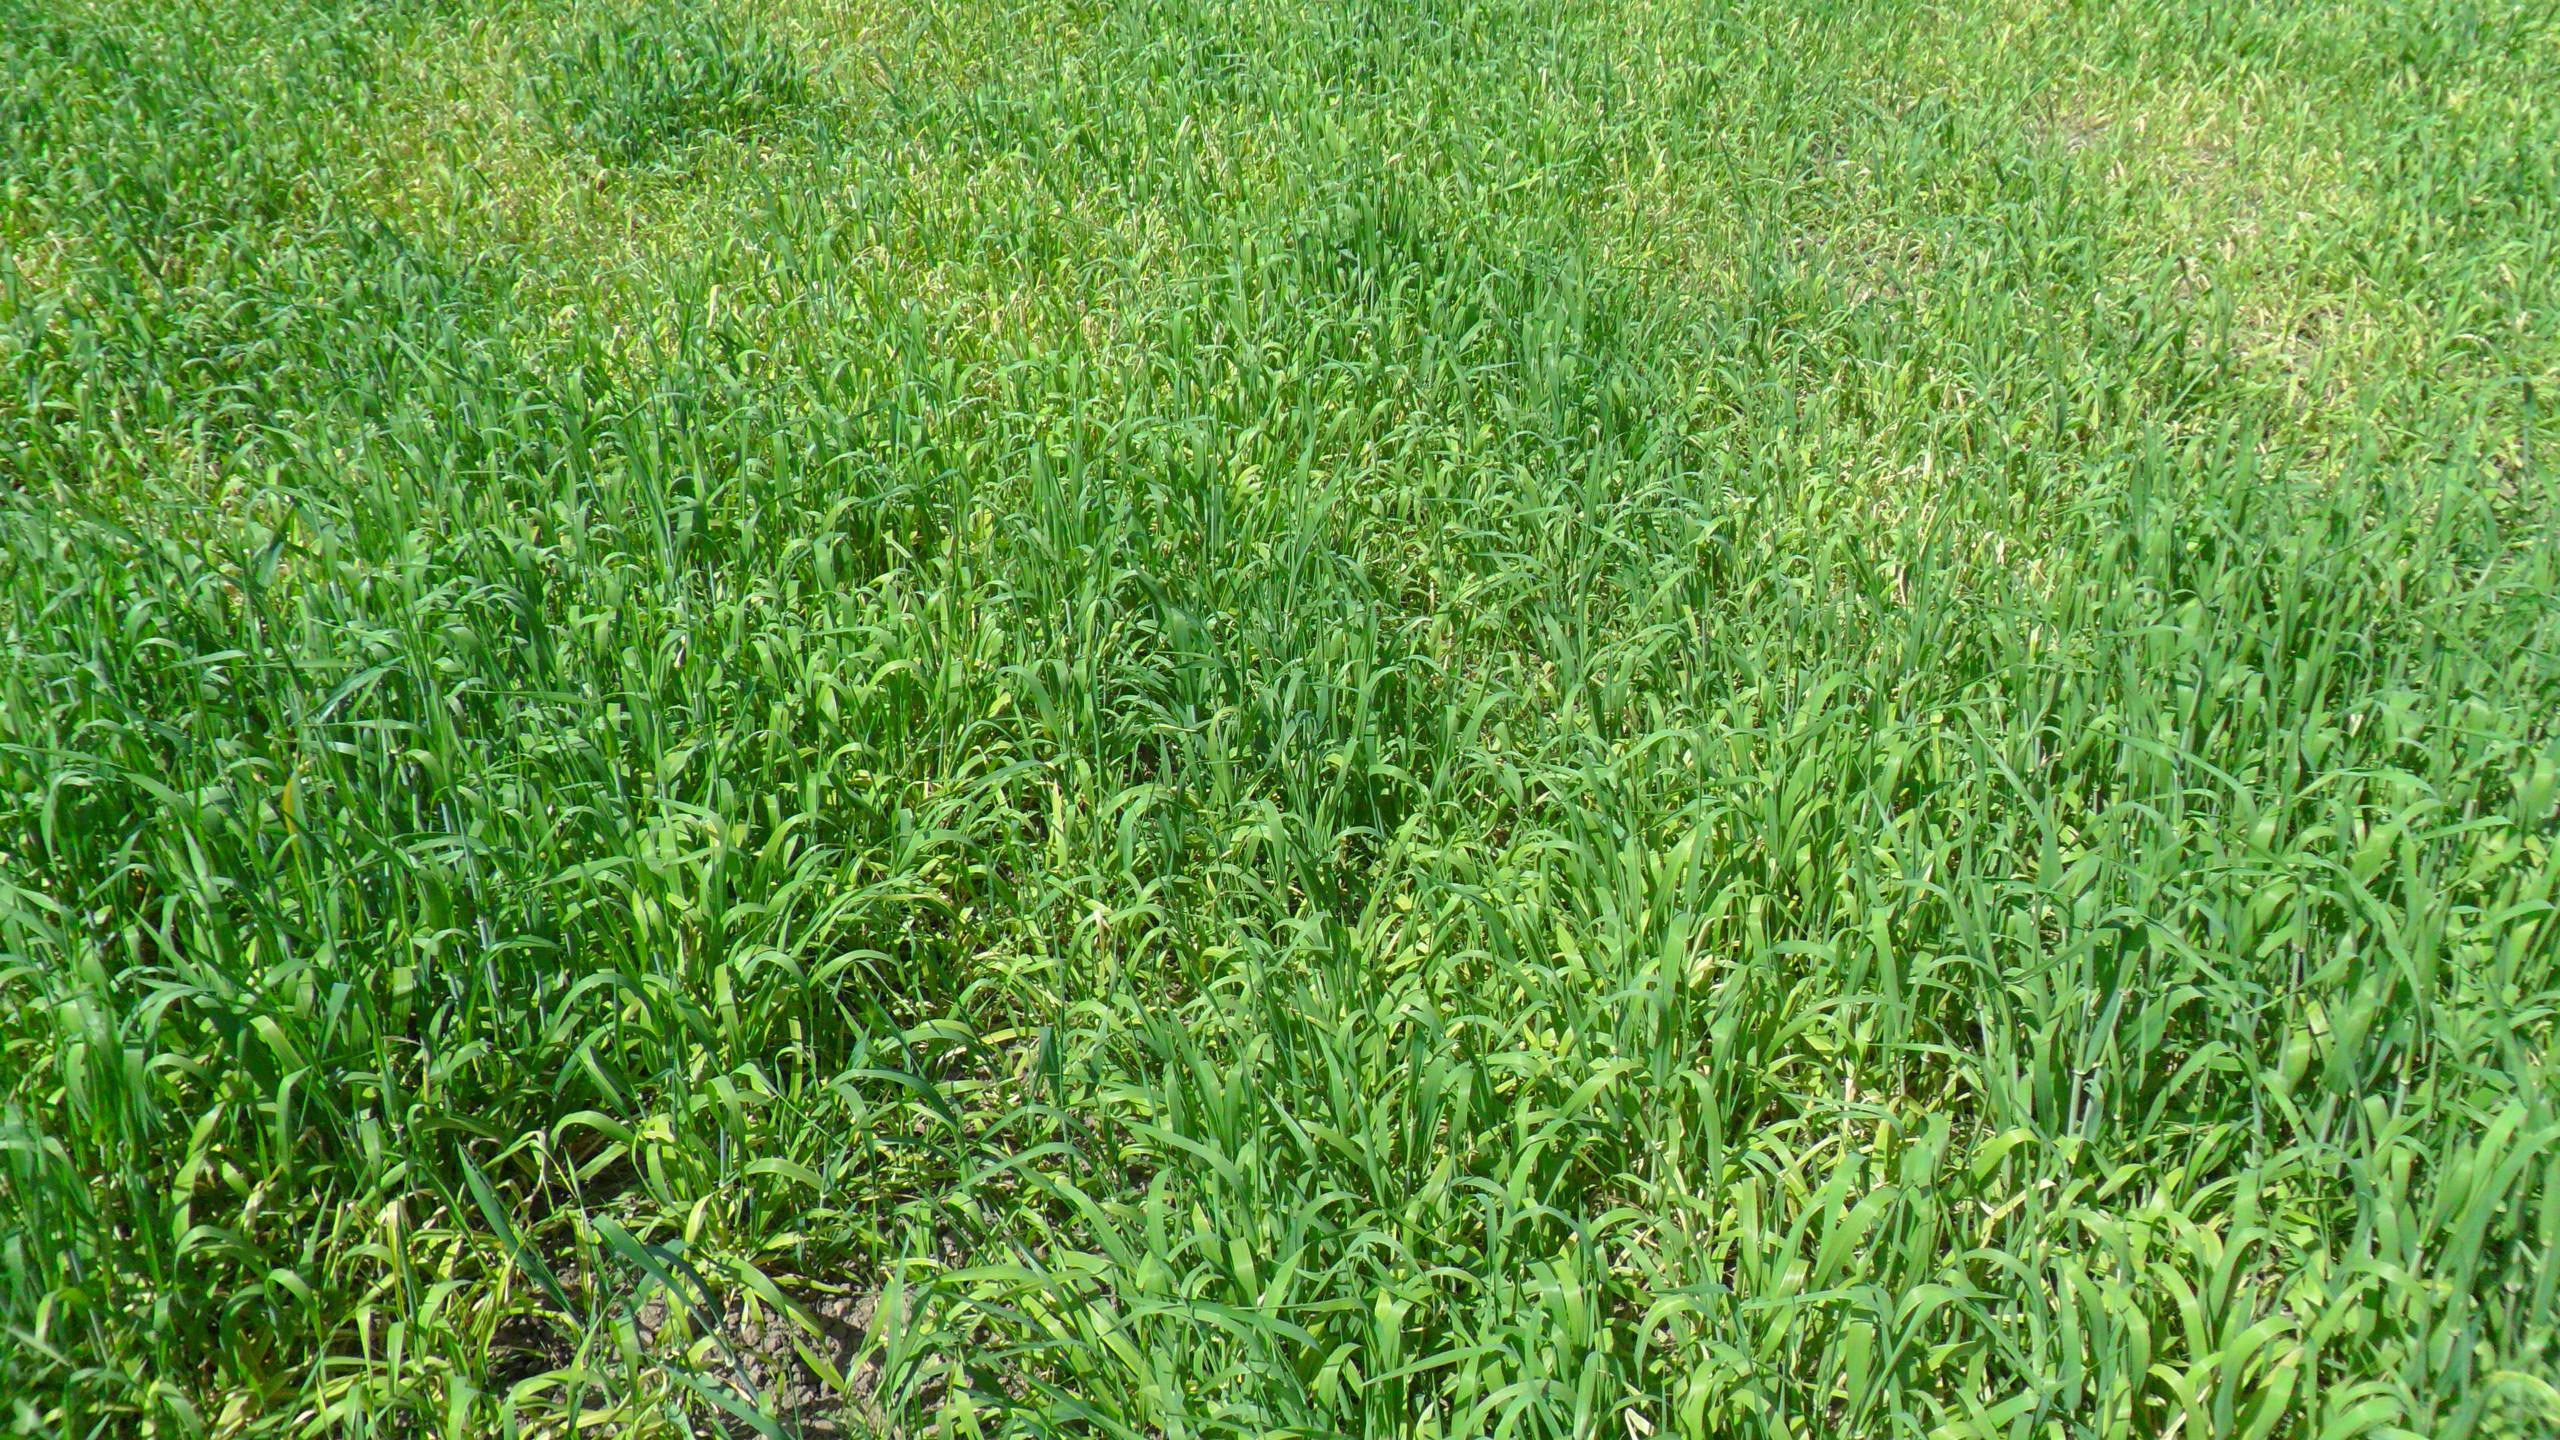 S Barley Manganese deficiency